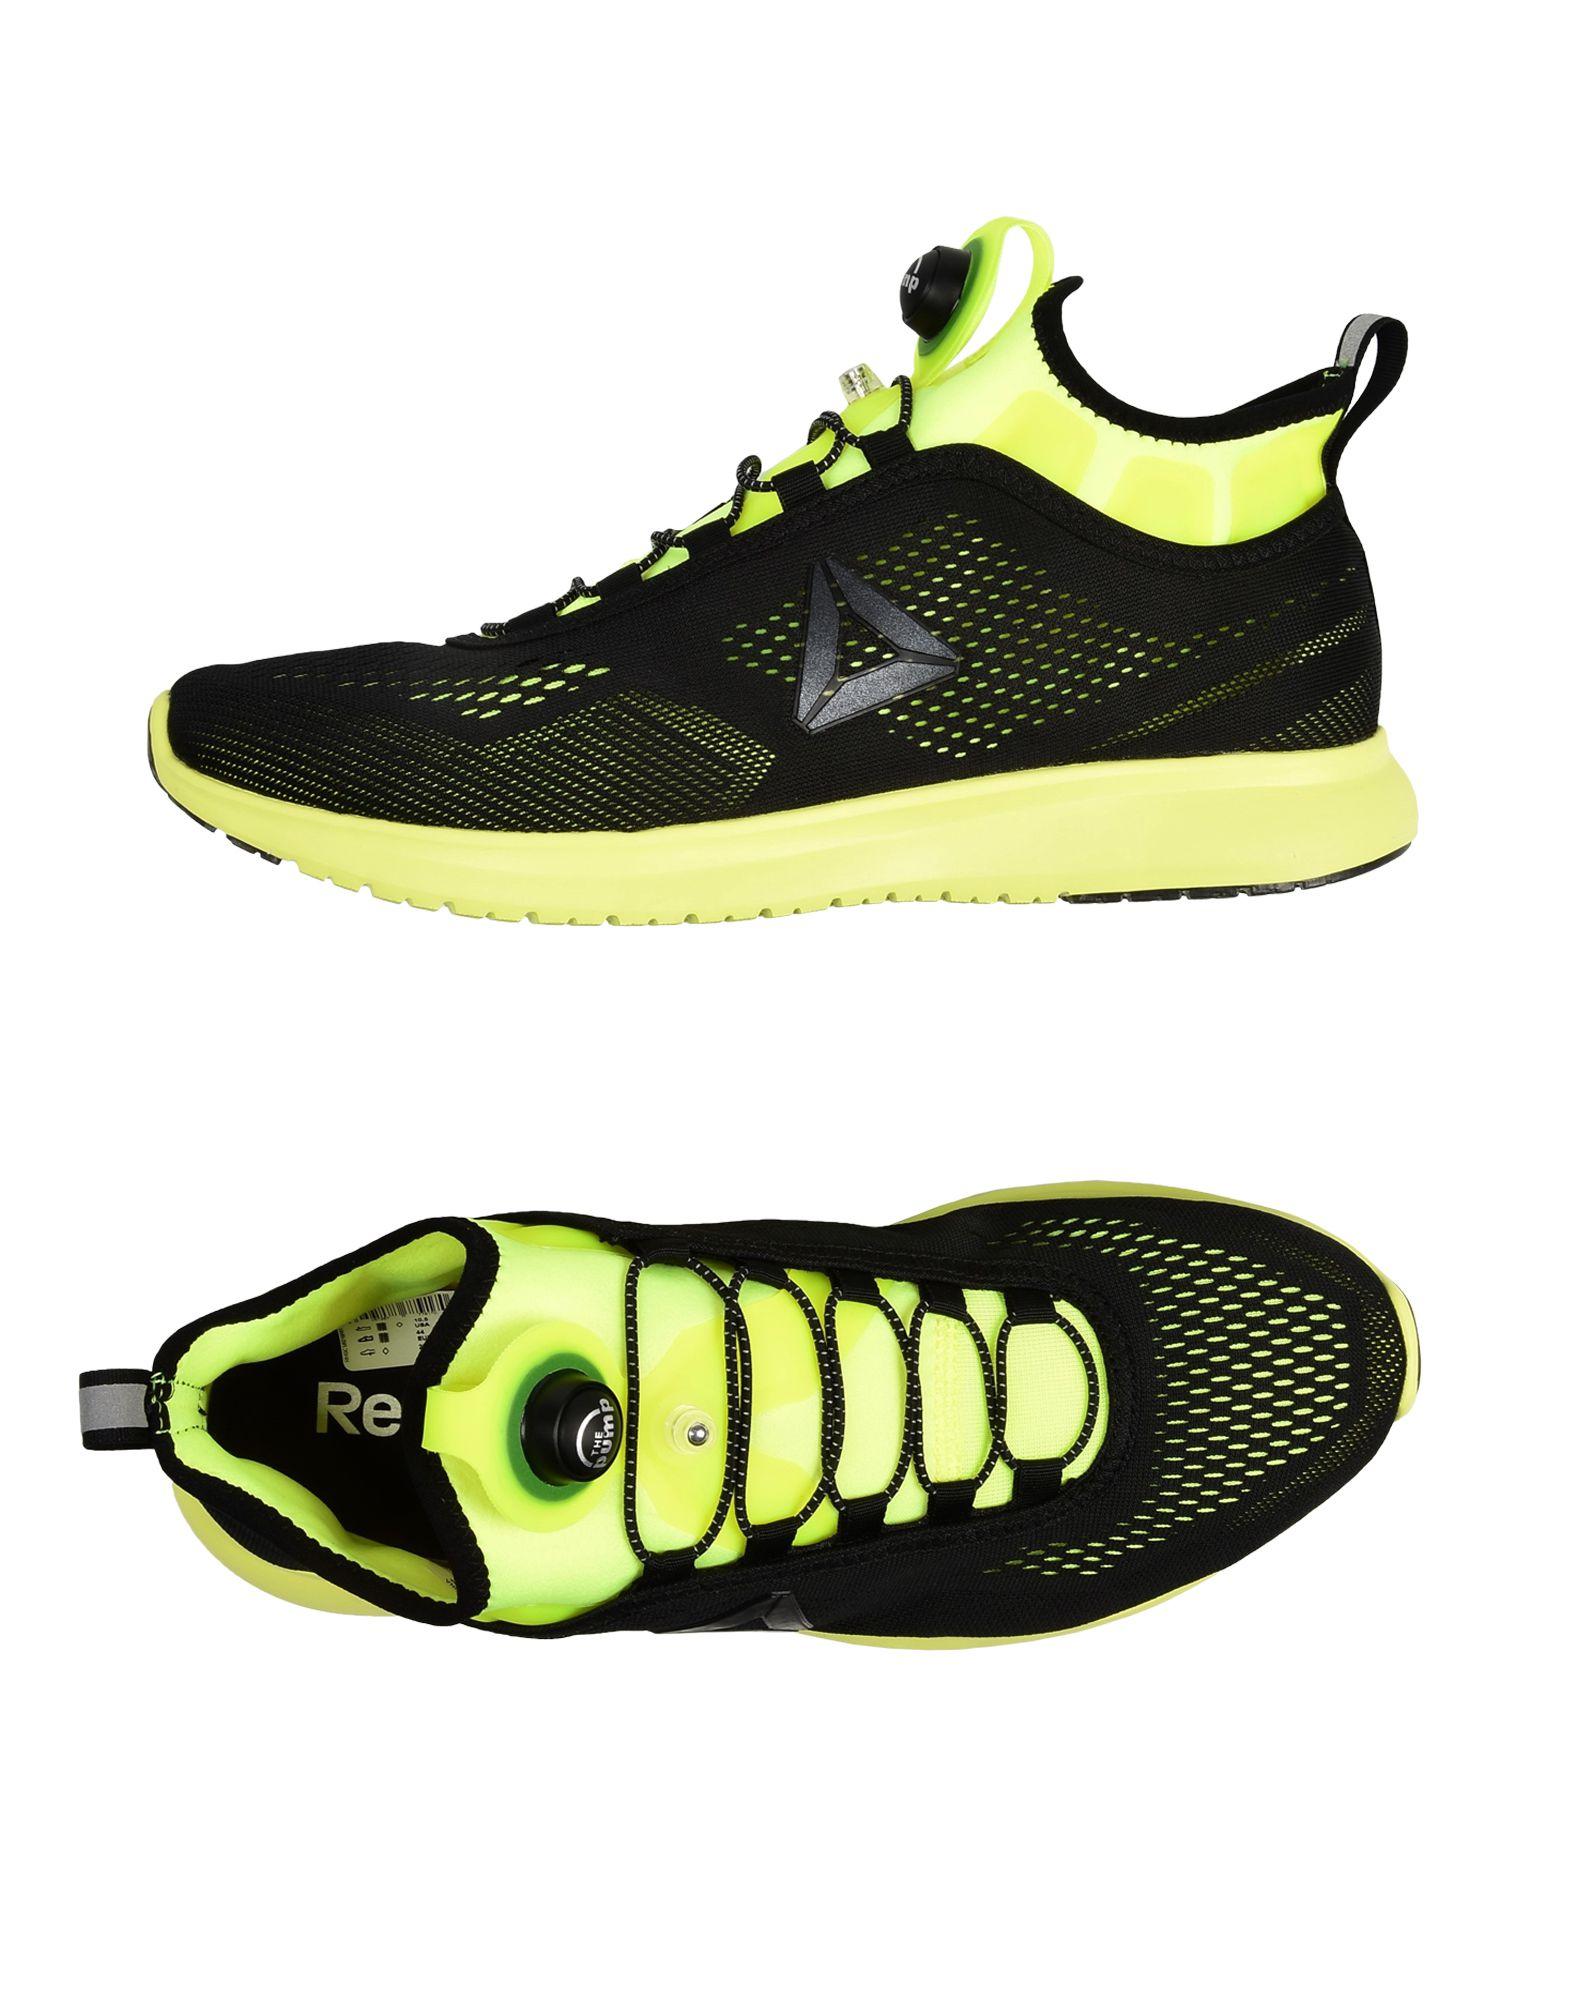 《送料無料》REEBOK メンズ スニーカー&テニスシューズ(ローカット) ブラック 9.5 紡績繊維 / ゴム PUMP PLUS TE